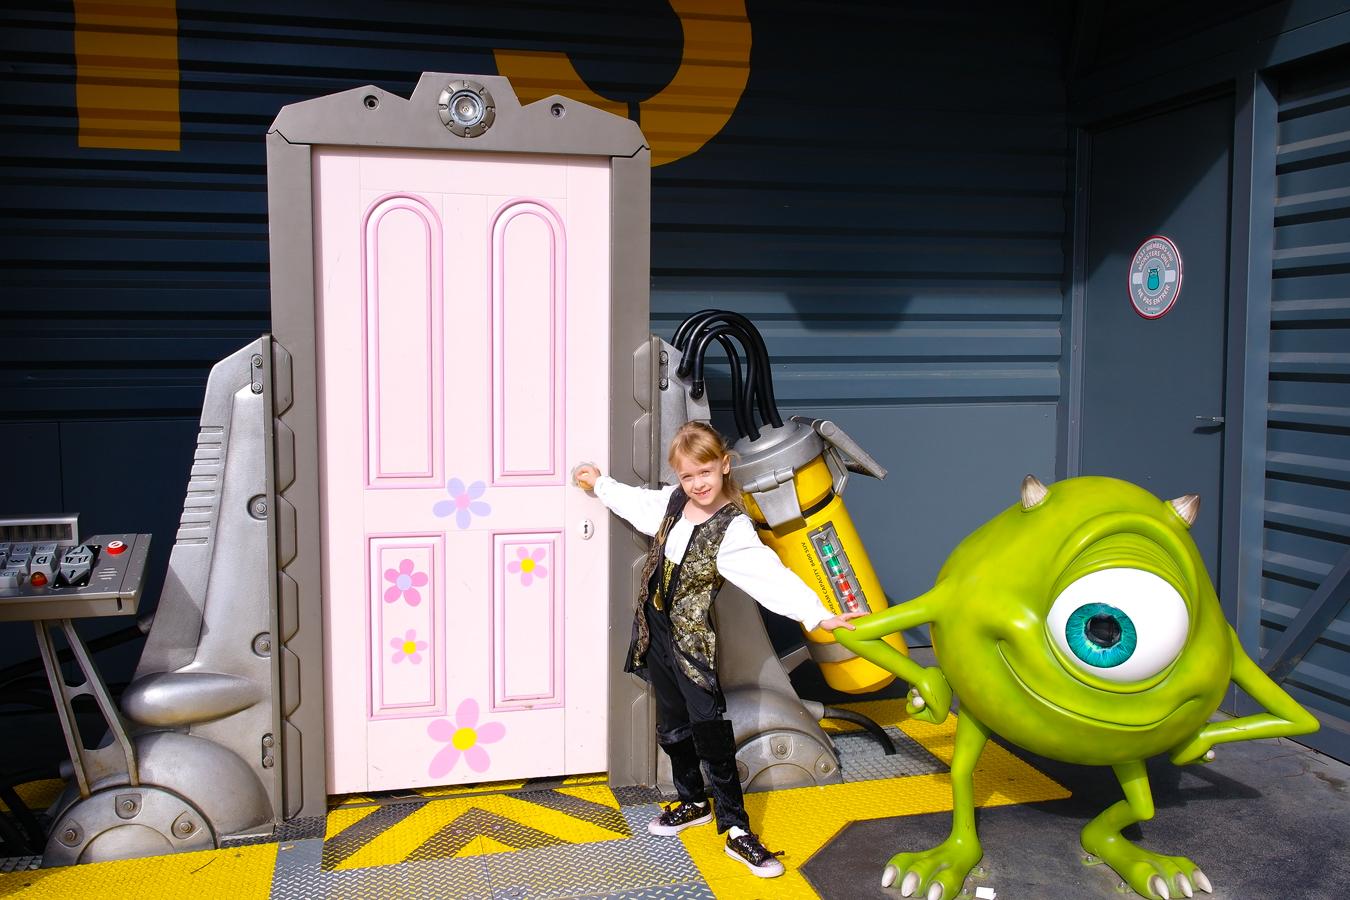 Дверь в мир 'Корпорации монстров'. Я люблю мультфильмы!